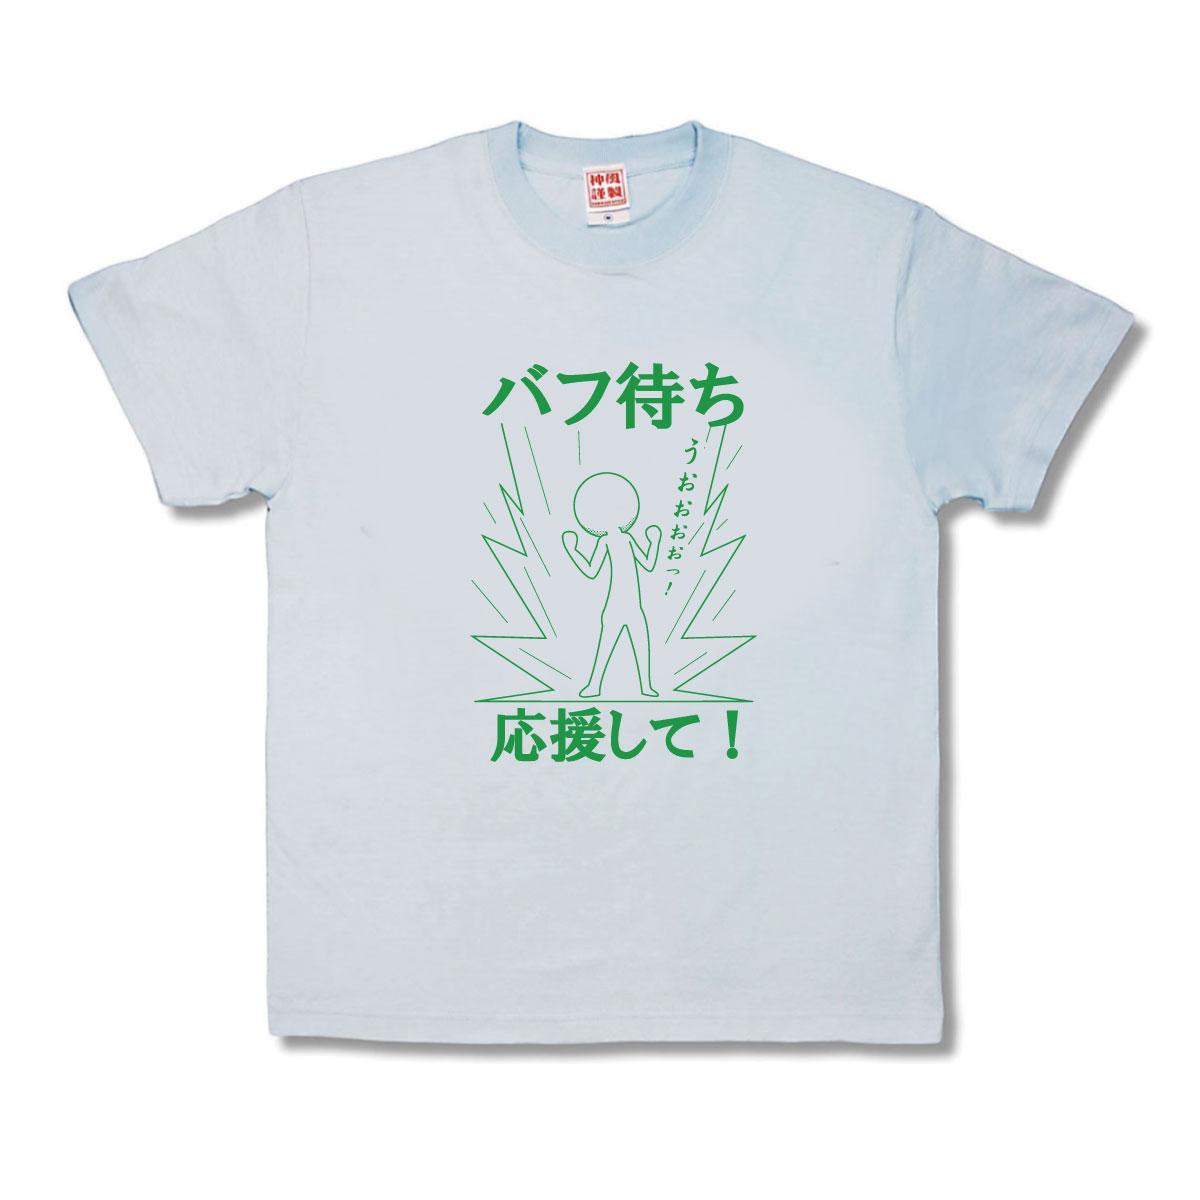 おもしろTシャツ 受賞店 バフ待ち 毎日激安特売で 営業中です 応援して